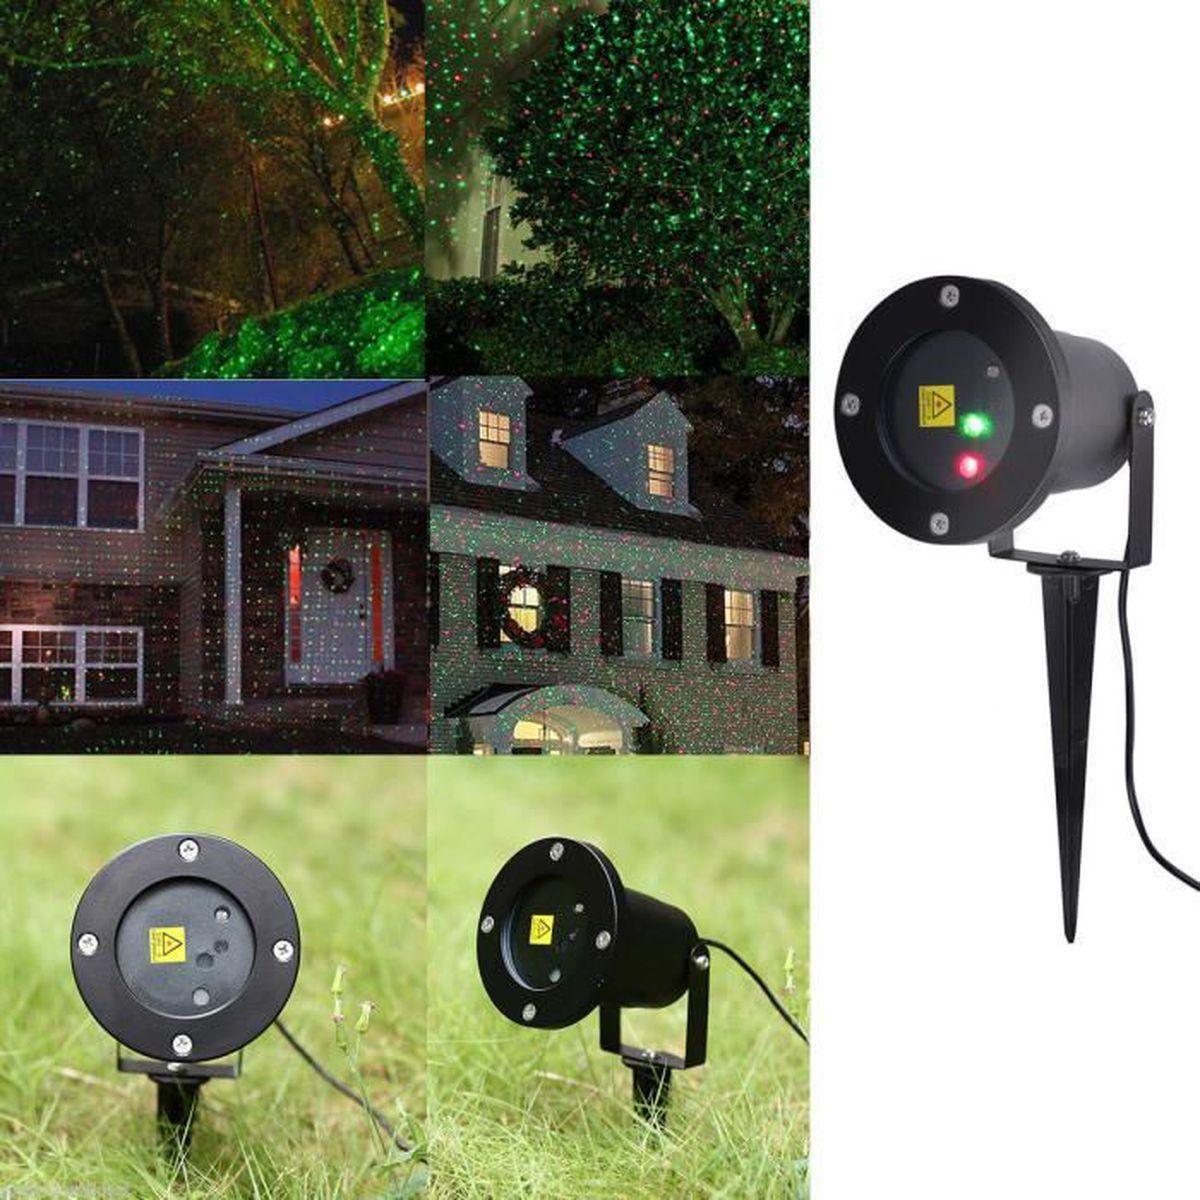 2x projecteur ext rieur lumim re de jardin avec t l commande lampe d corative de no l avec. Black Bedroom Furniture Sets. Home Design Ideas